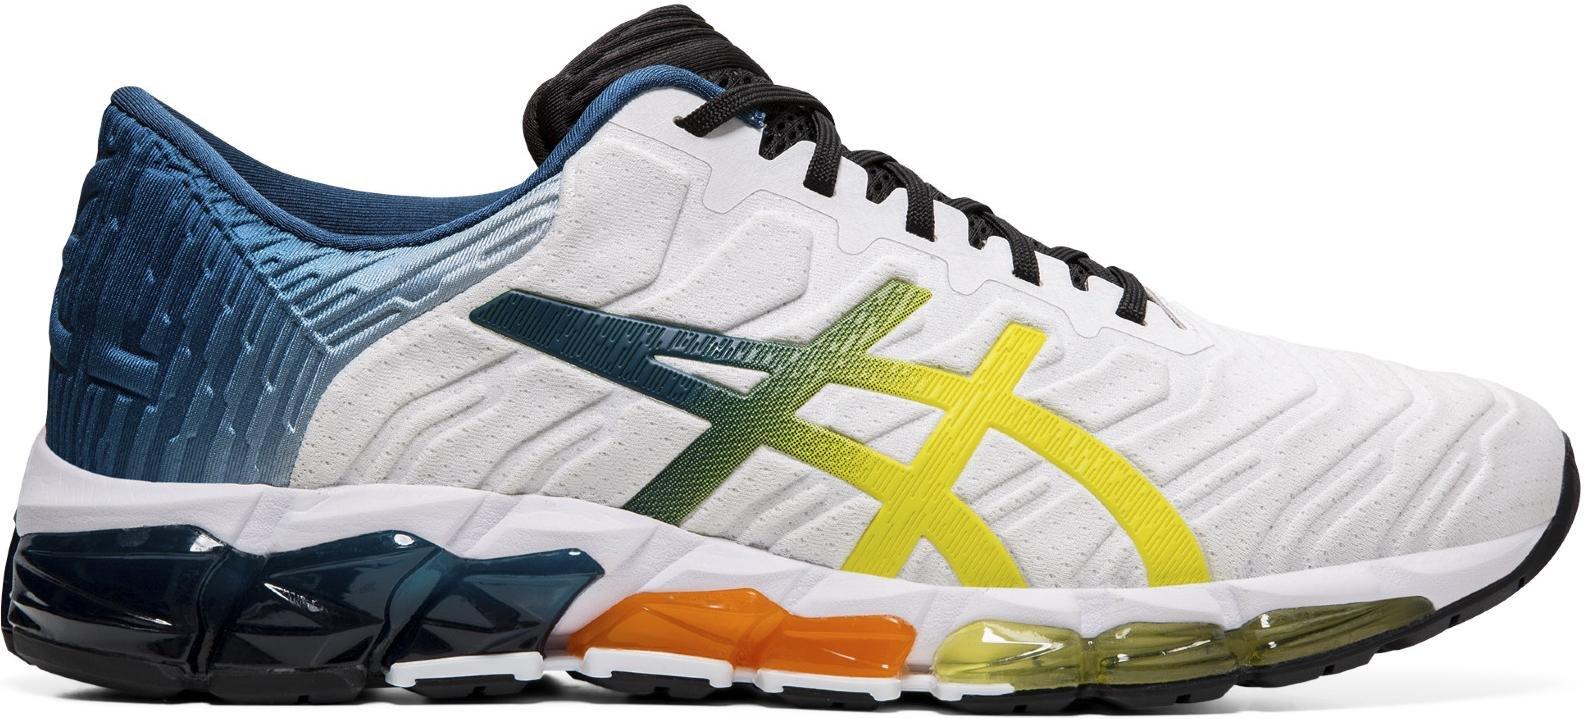 Zapatillas de running Asics GEL-QUANTUM 360 5